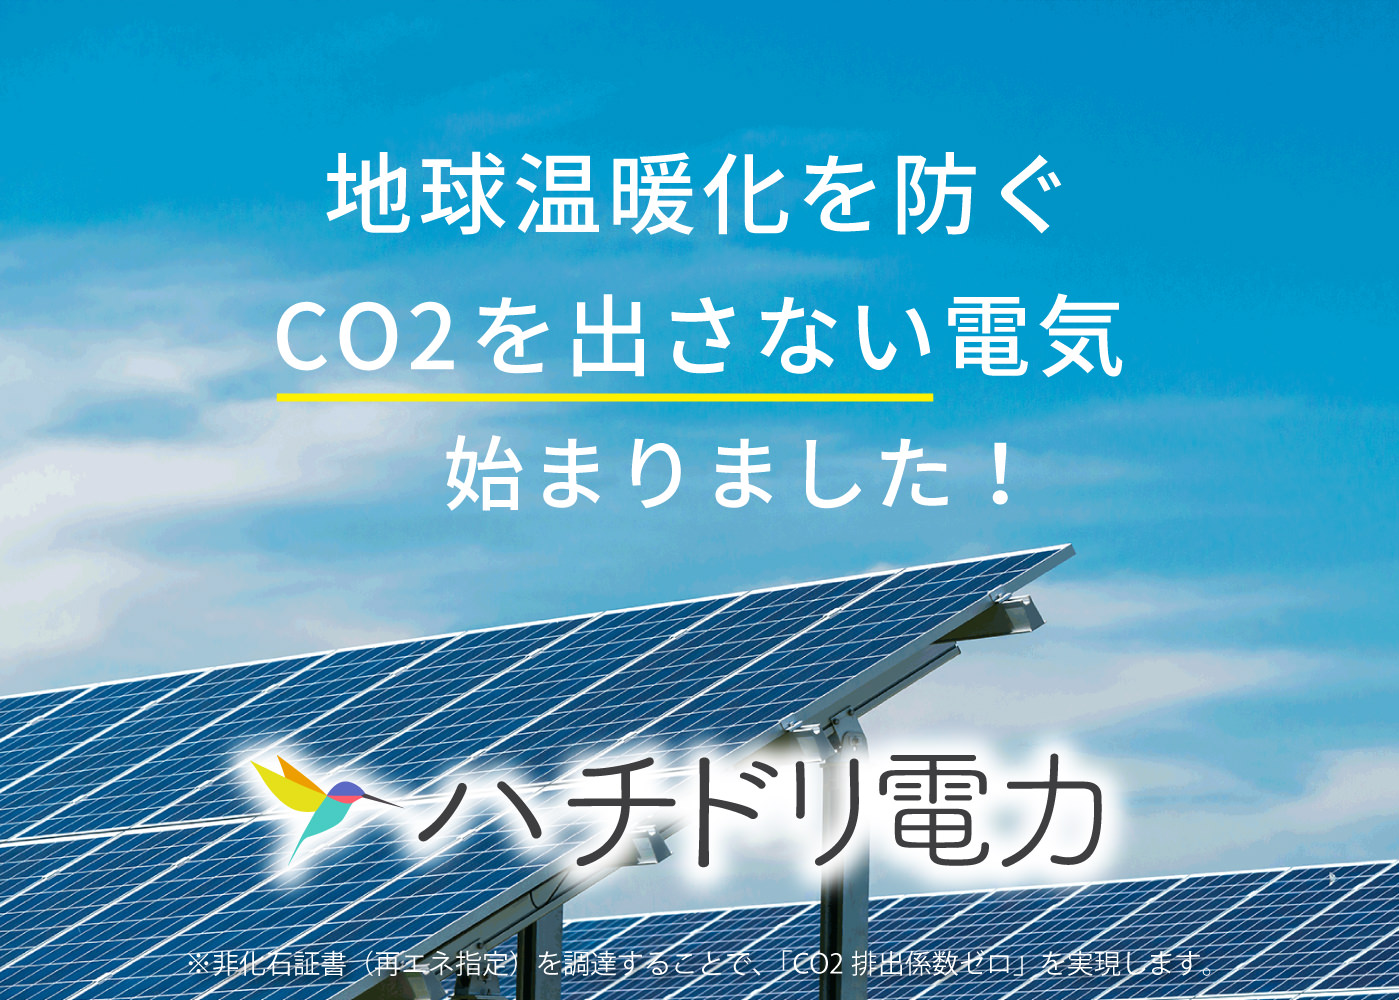 バナー:ハチドリ電力 地球温暖化を防ぐCO2を出さない電気始まりました!